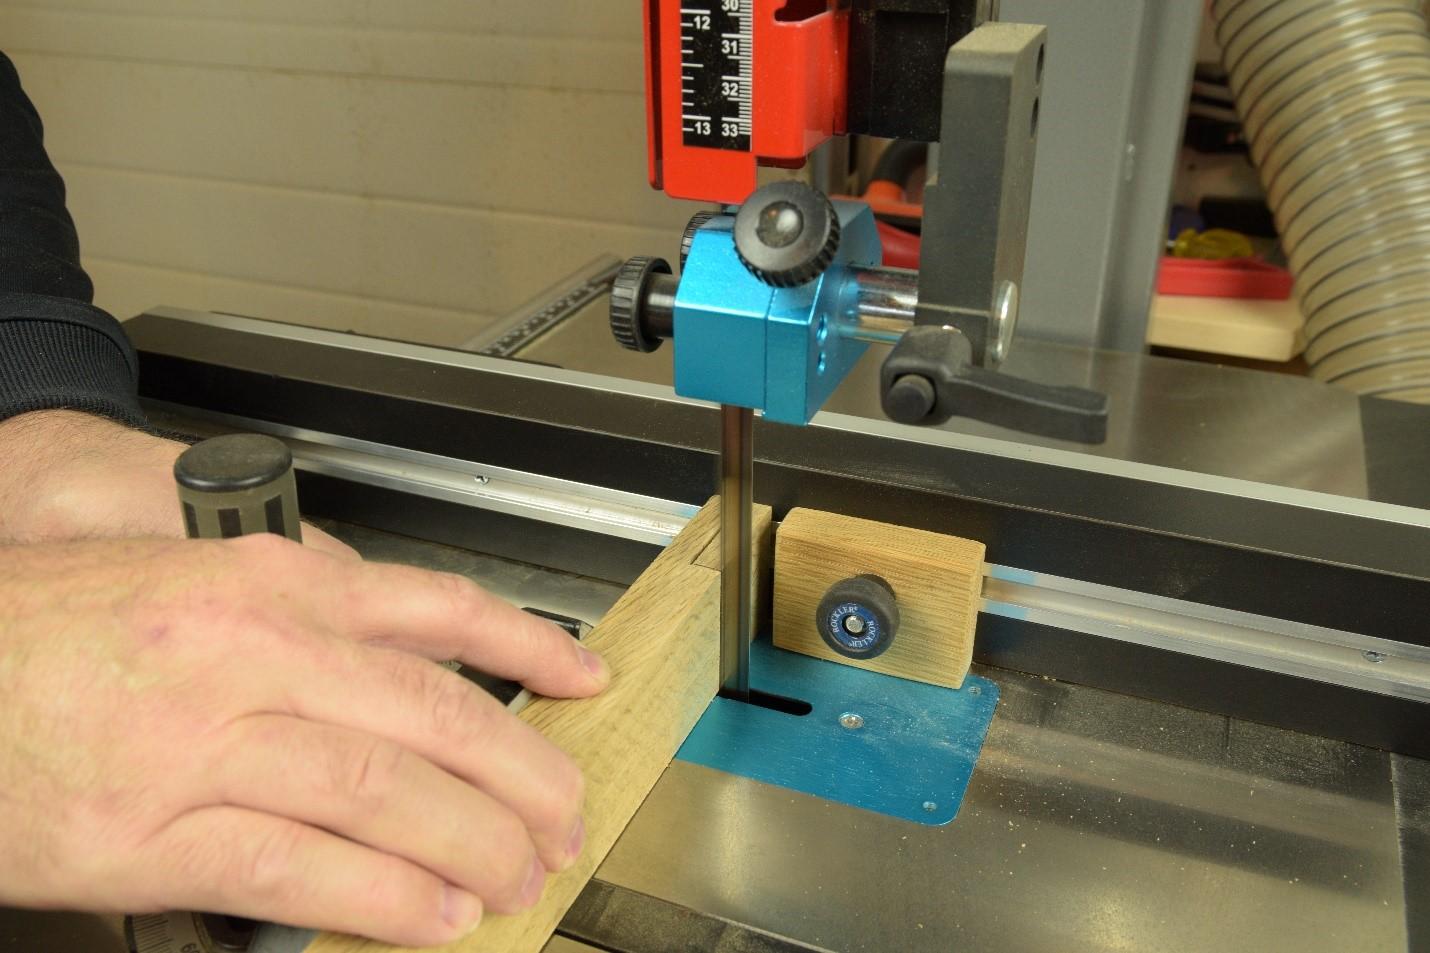 Making a slit cut